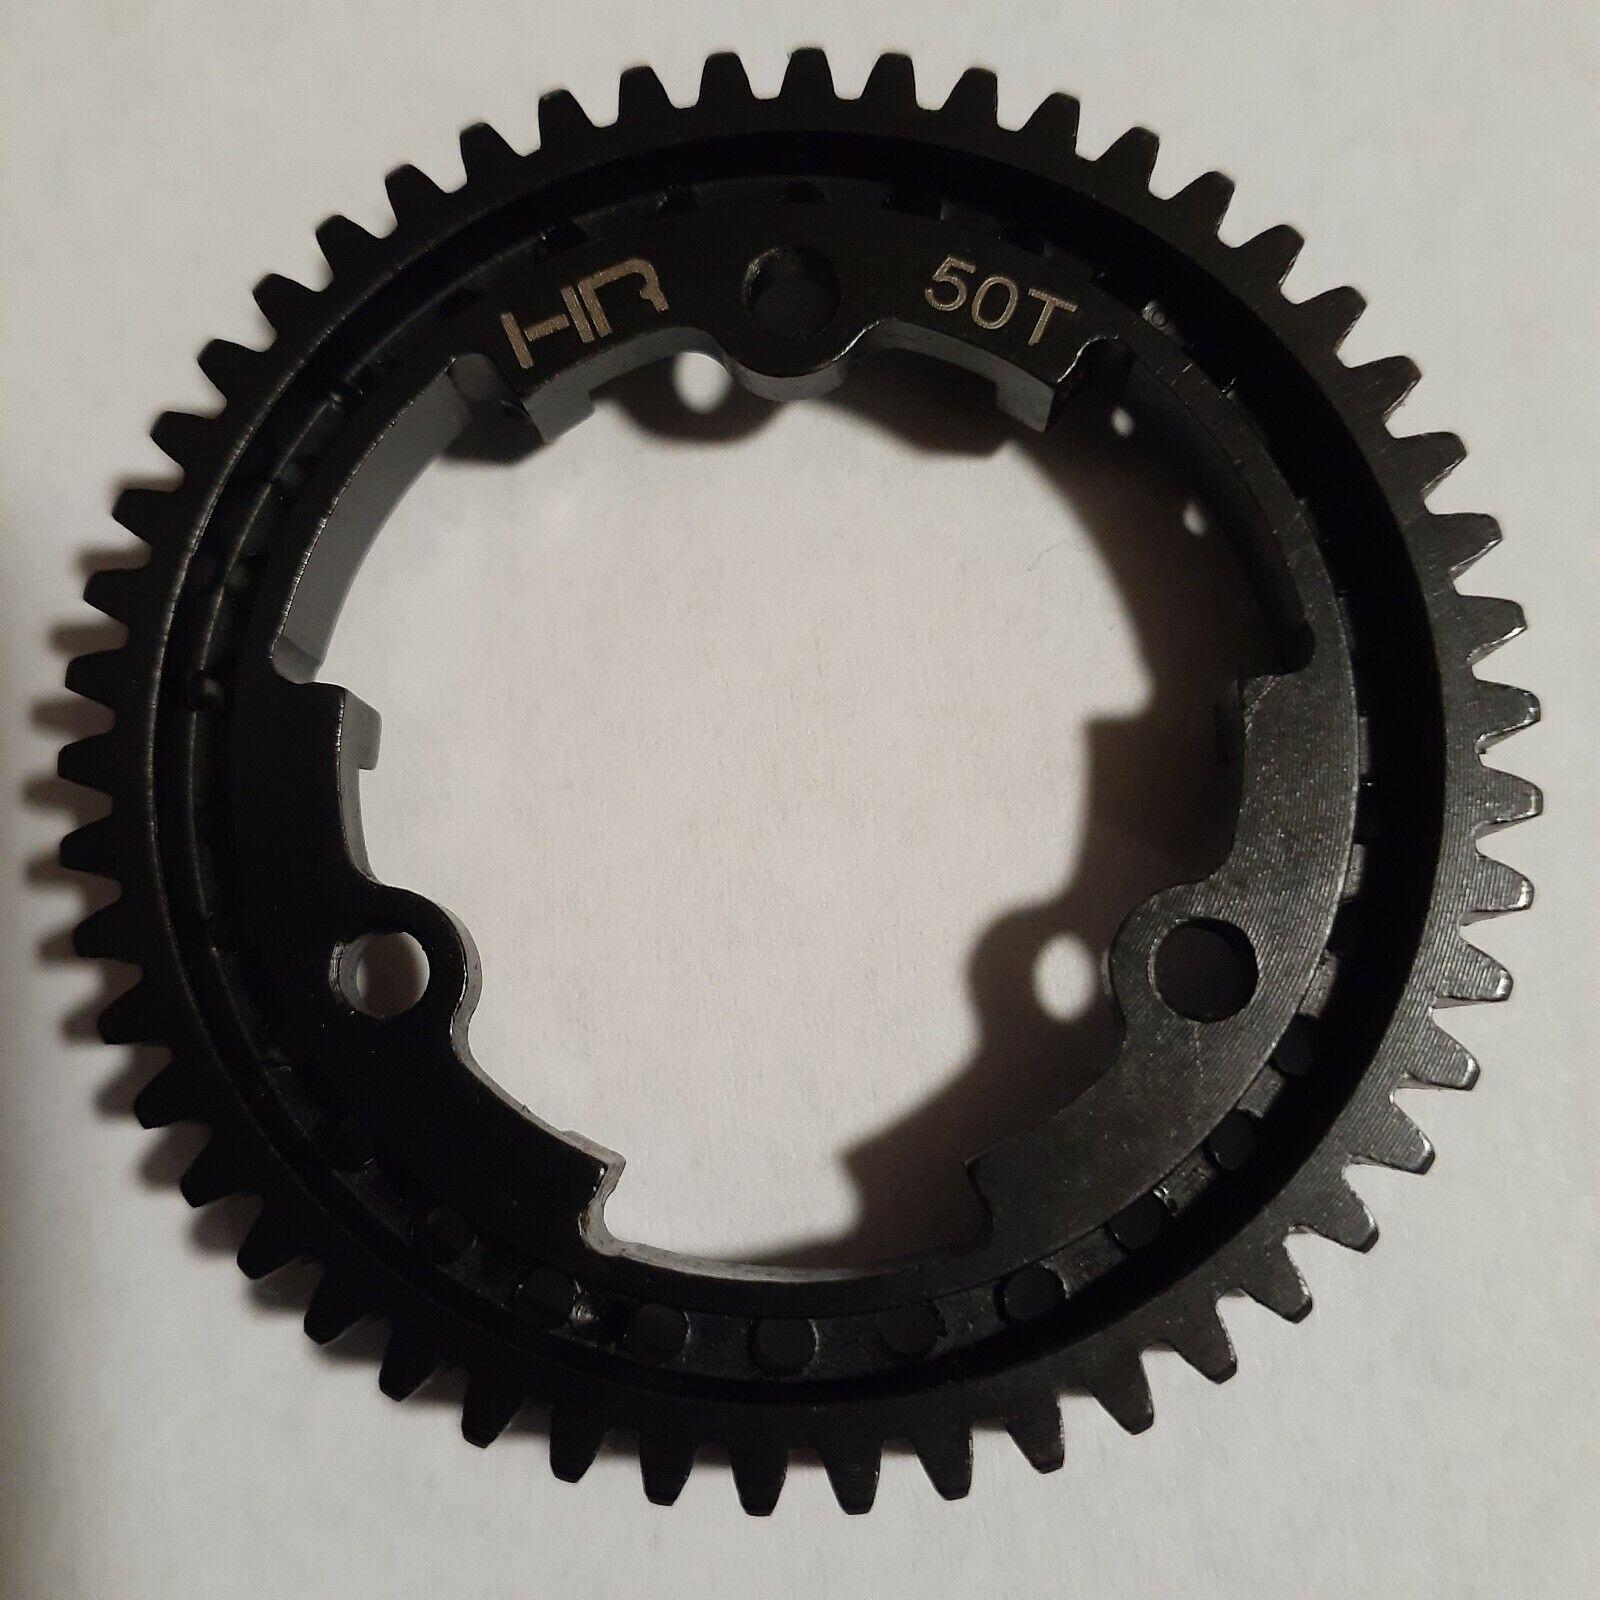 Hot Racing ERVT54M01 54t Mod 1 Steel Spur Gear E Revo 2 X-Maxx Xo-1